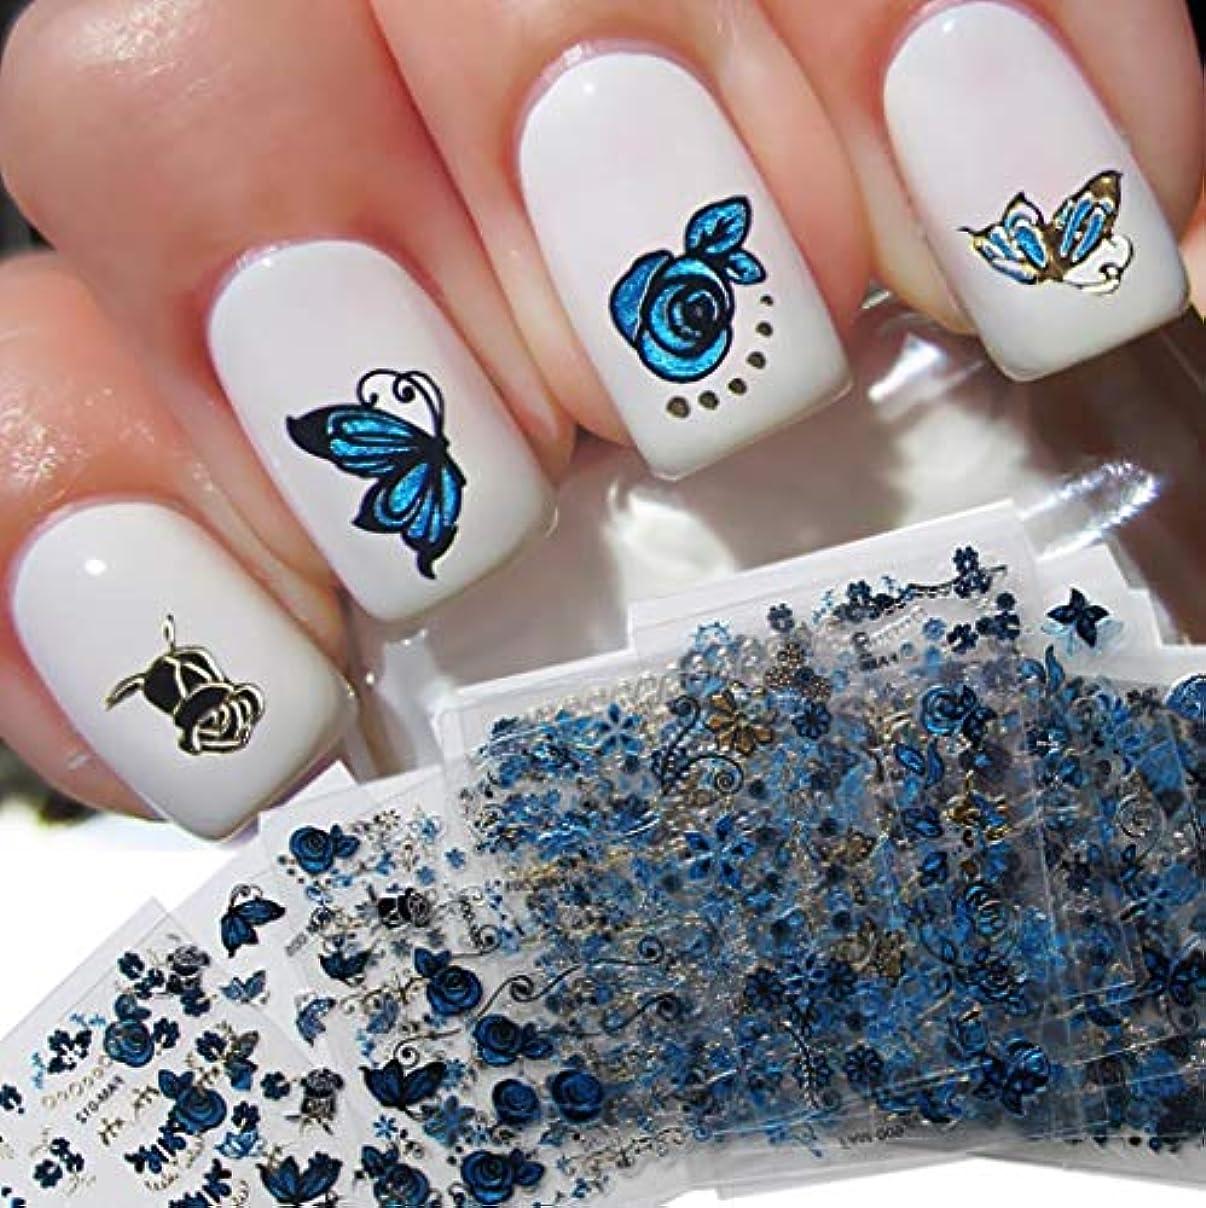 スポンサー敬サンダーYONIK ネイルシール 3D ネイルステッカー ネイルアートシール 蝶 花柄 レース 貼るだけ 24枚セット 青